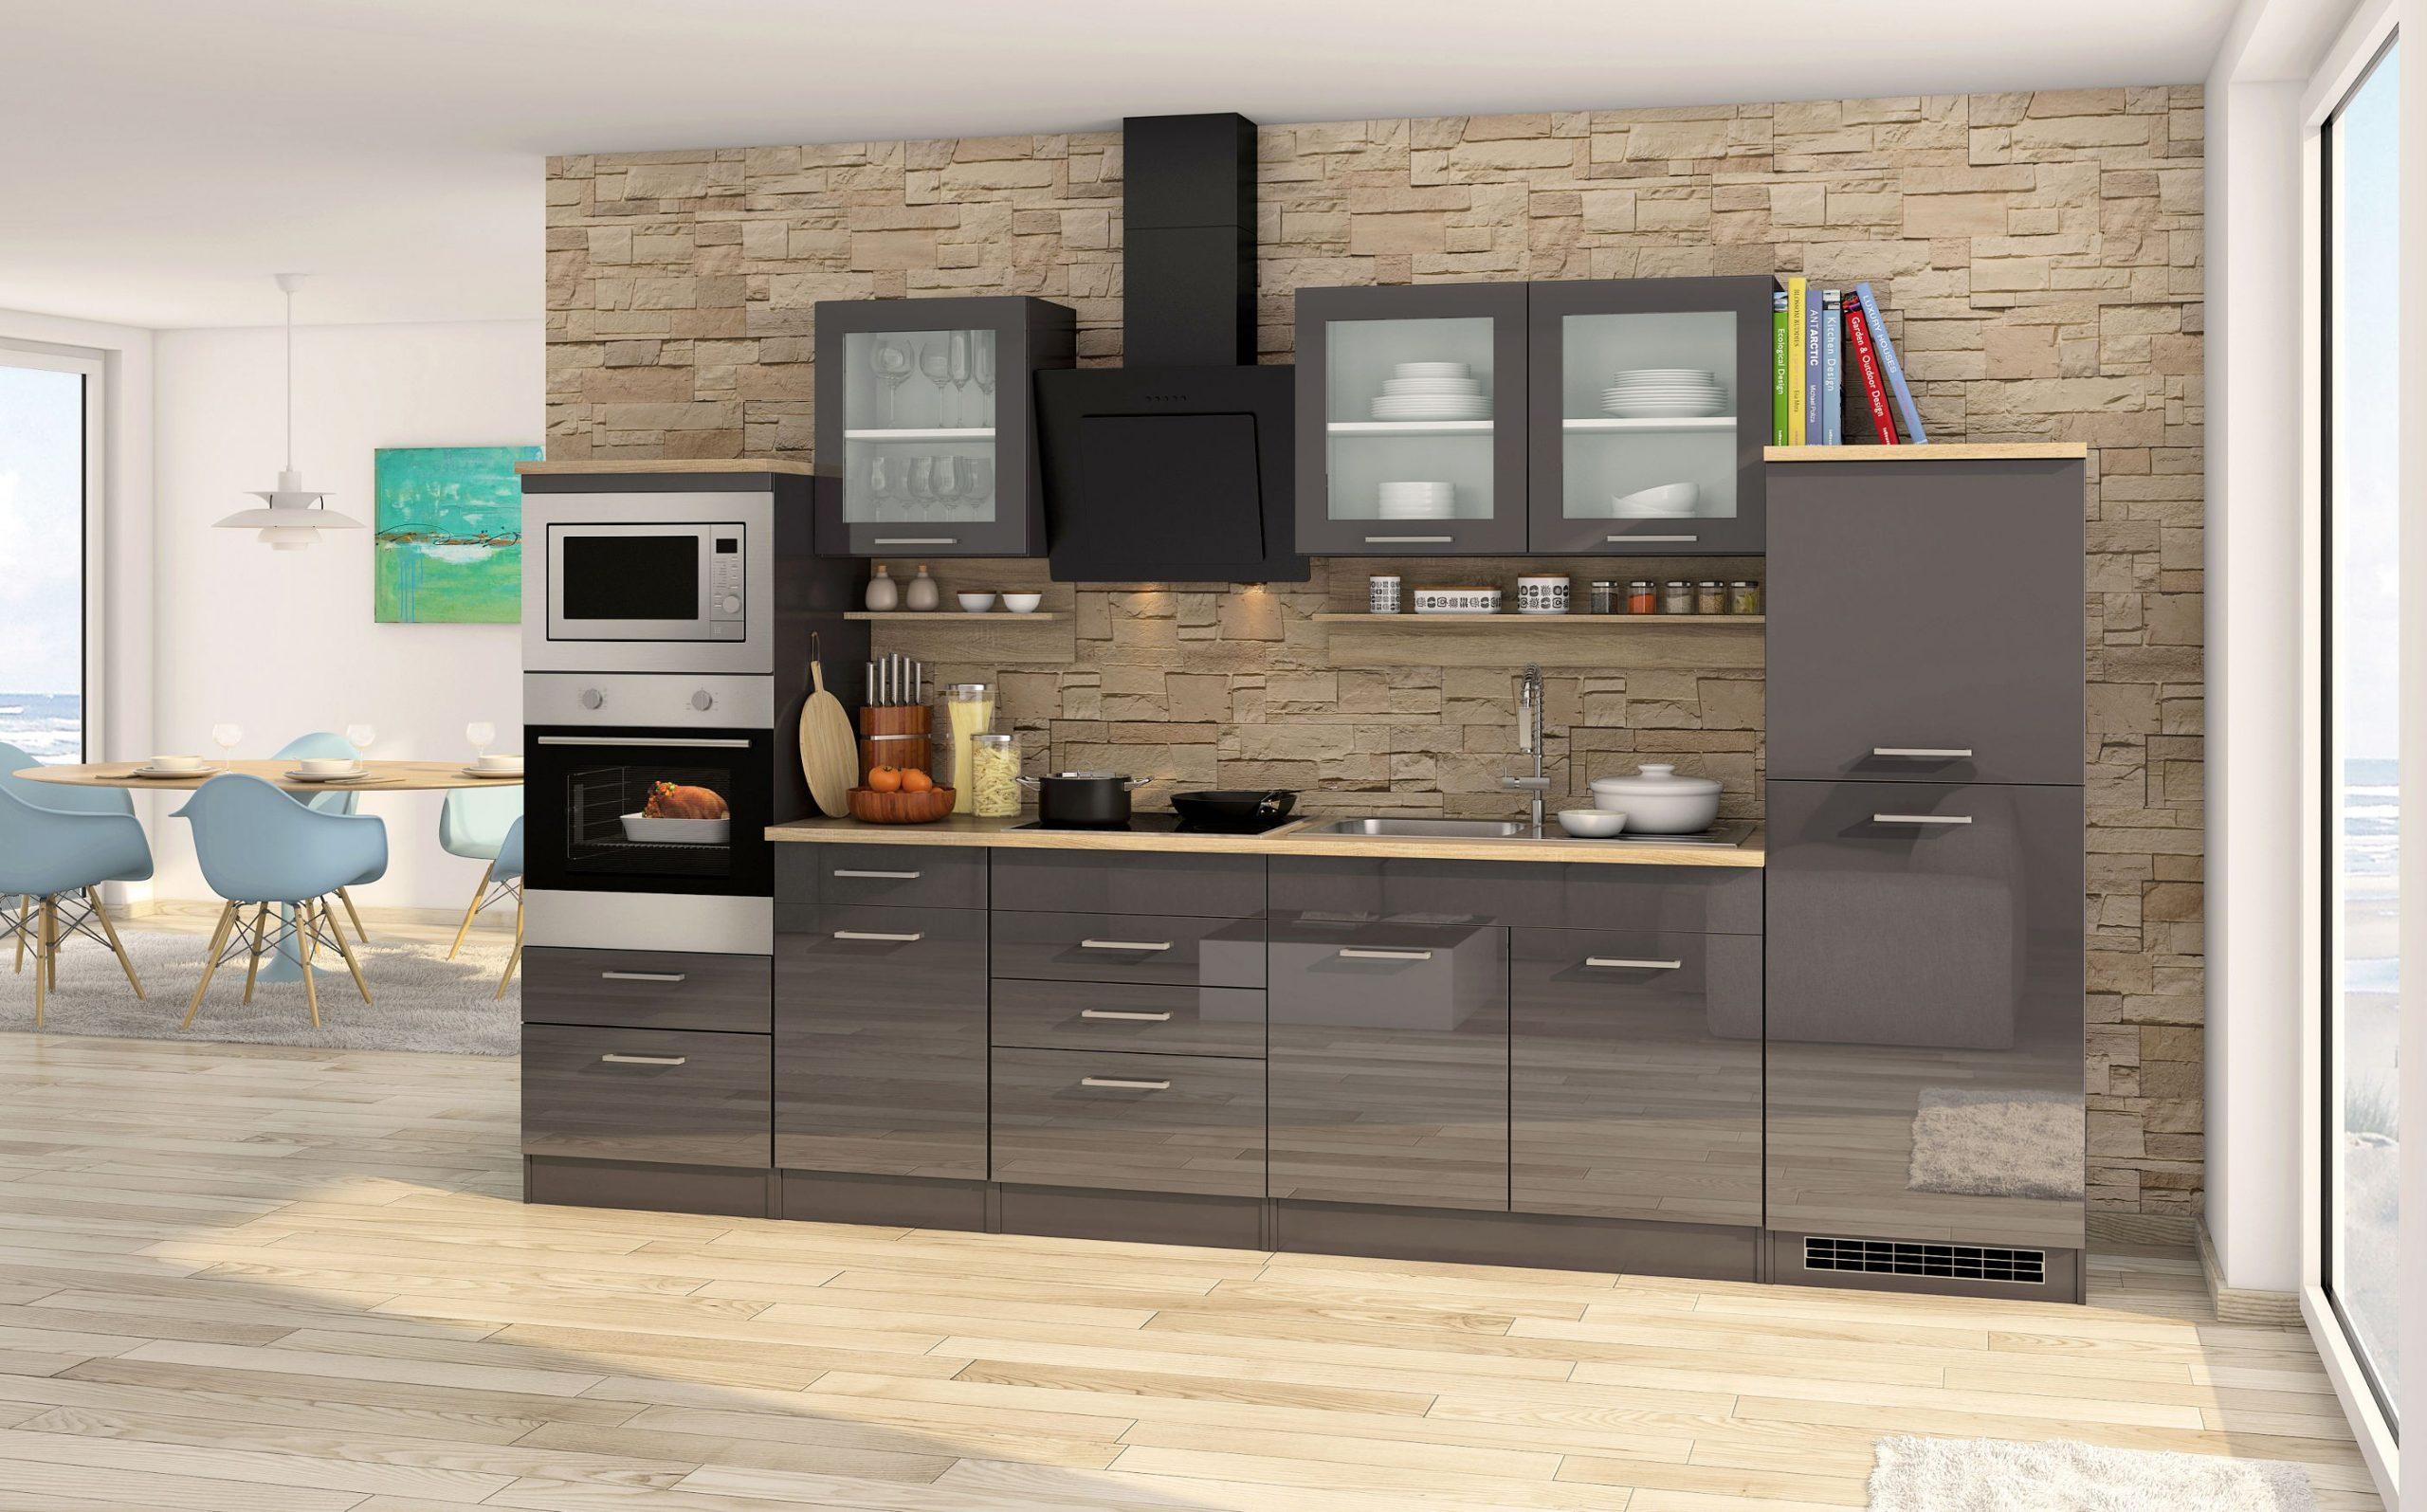 Full Size of Einbauküche Mit Elektrogeräten Kosten Einbauküche Mit Elektrogeräten Und Aufbau Einbauküche Mit Elektrogeräten Ikea Einbauküche Mit Elektrogeräten Billig Küche Einbauküche Mit Elektrogeräten